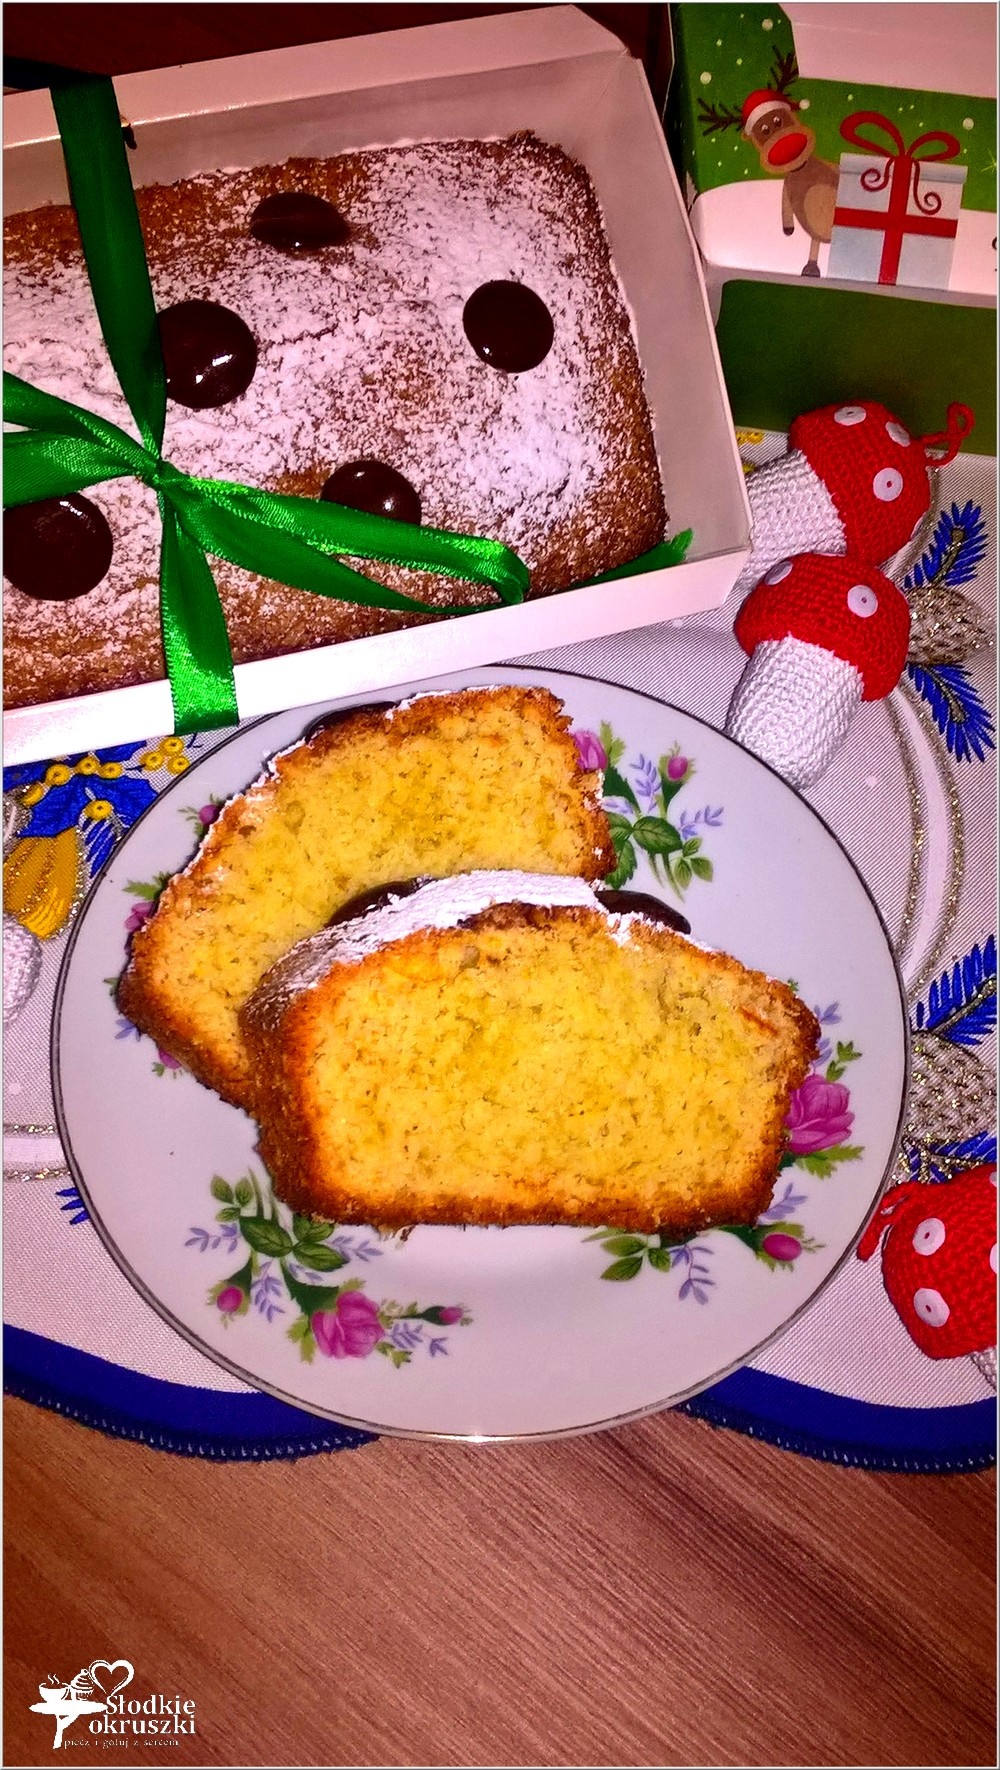 szybkie-pomaranczowe-ciasto-z-kisielem-1